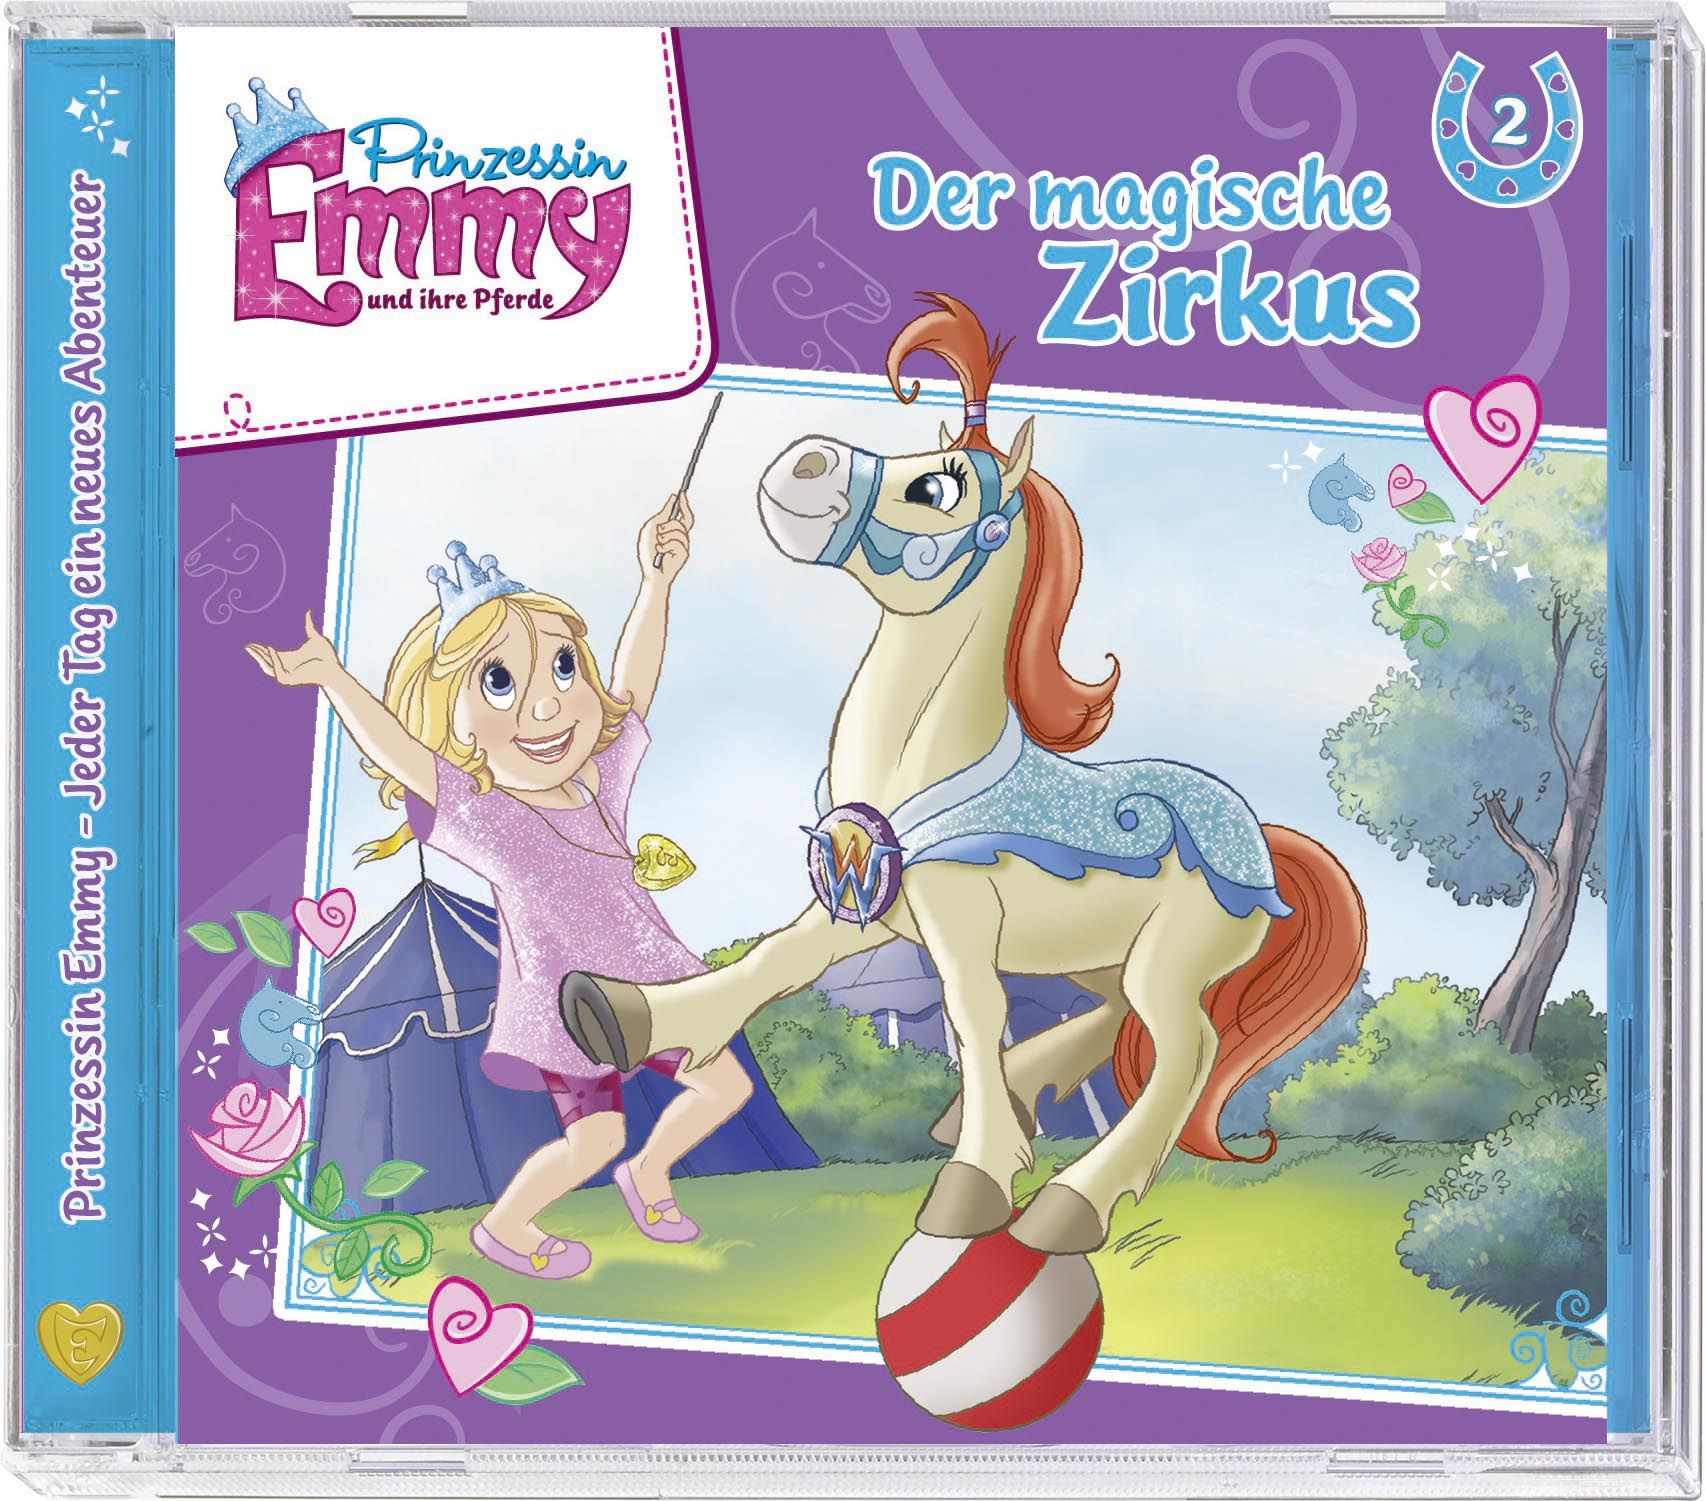 Prinzessin Emmy: Der magische Zirkus (Folge 2)